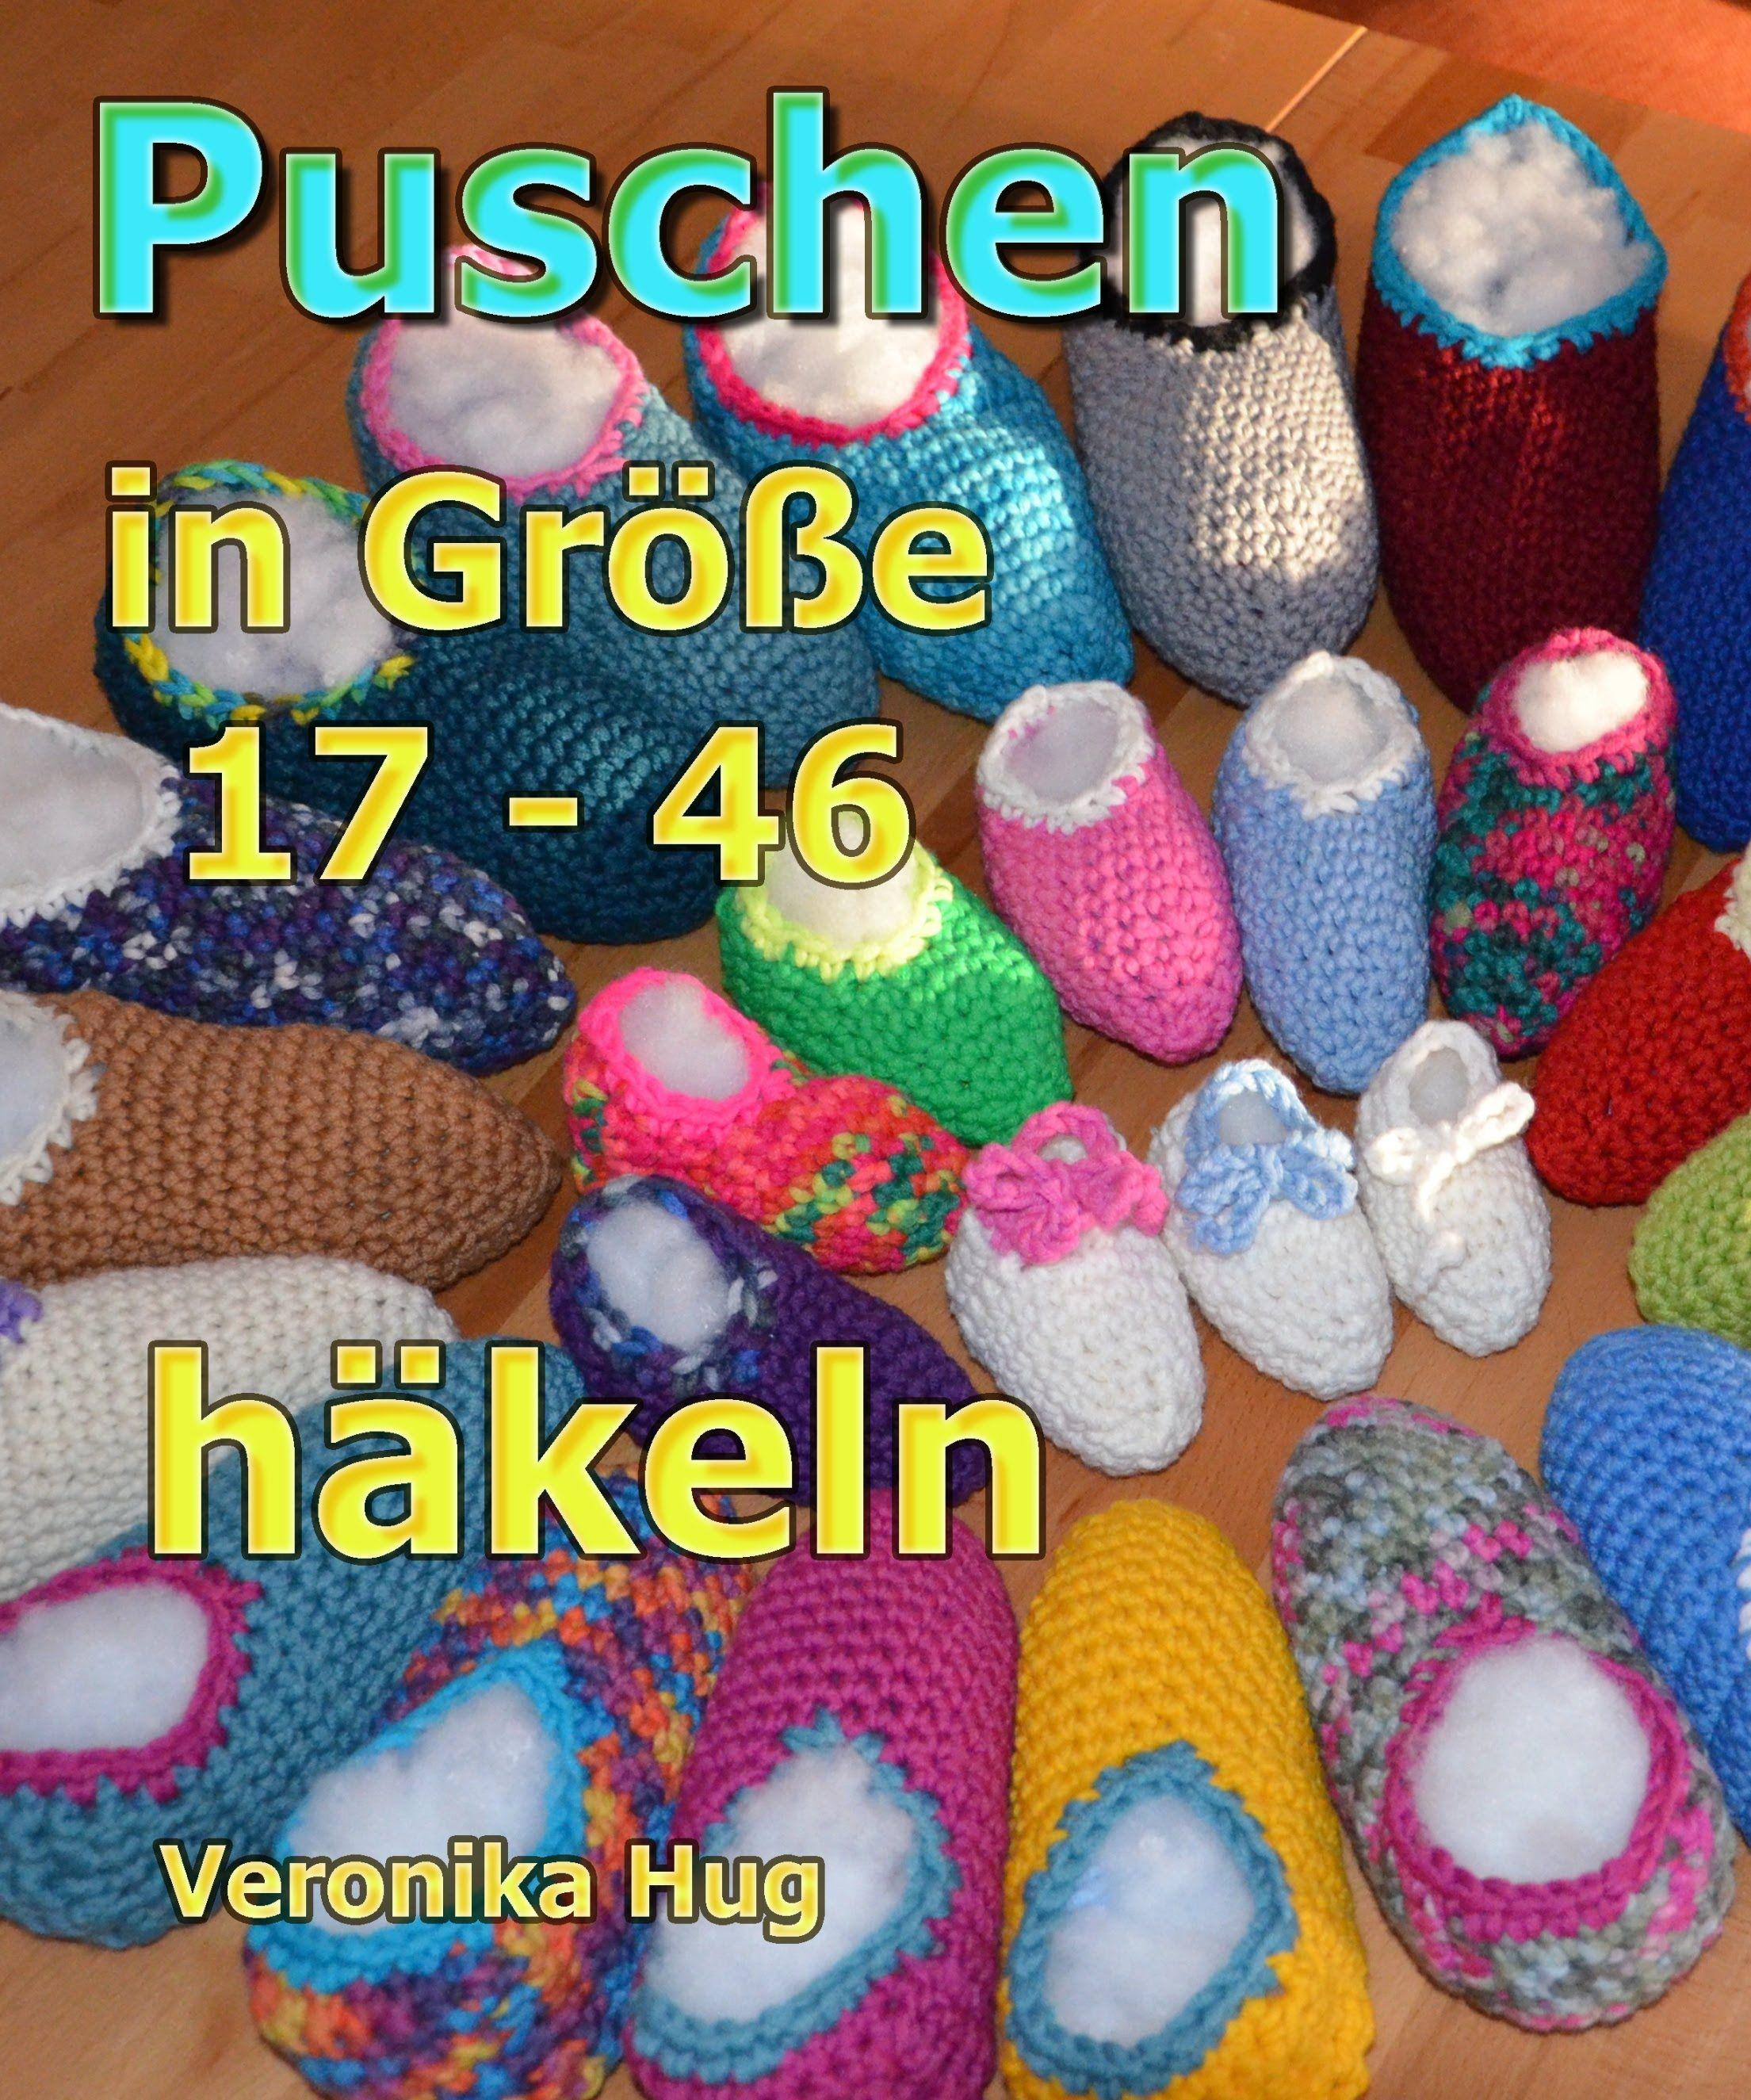 Puschen Häkeln In Größe 17 46 Veronika Hug Video Pinterest